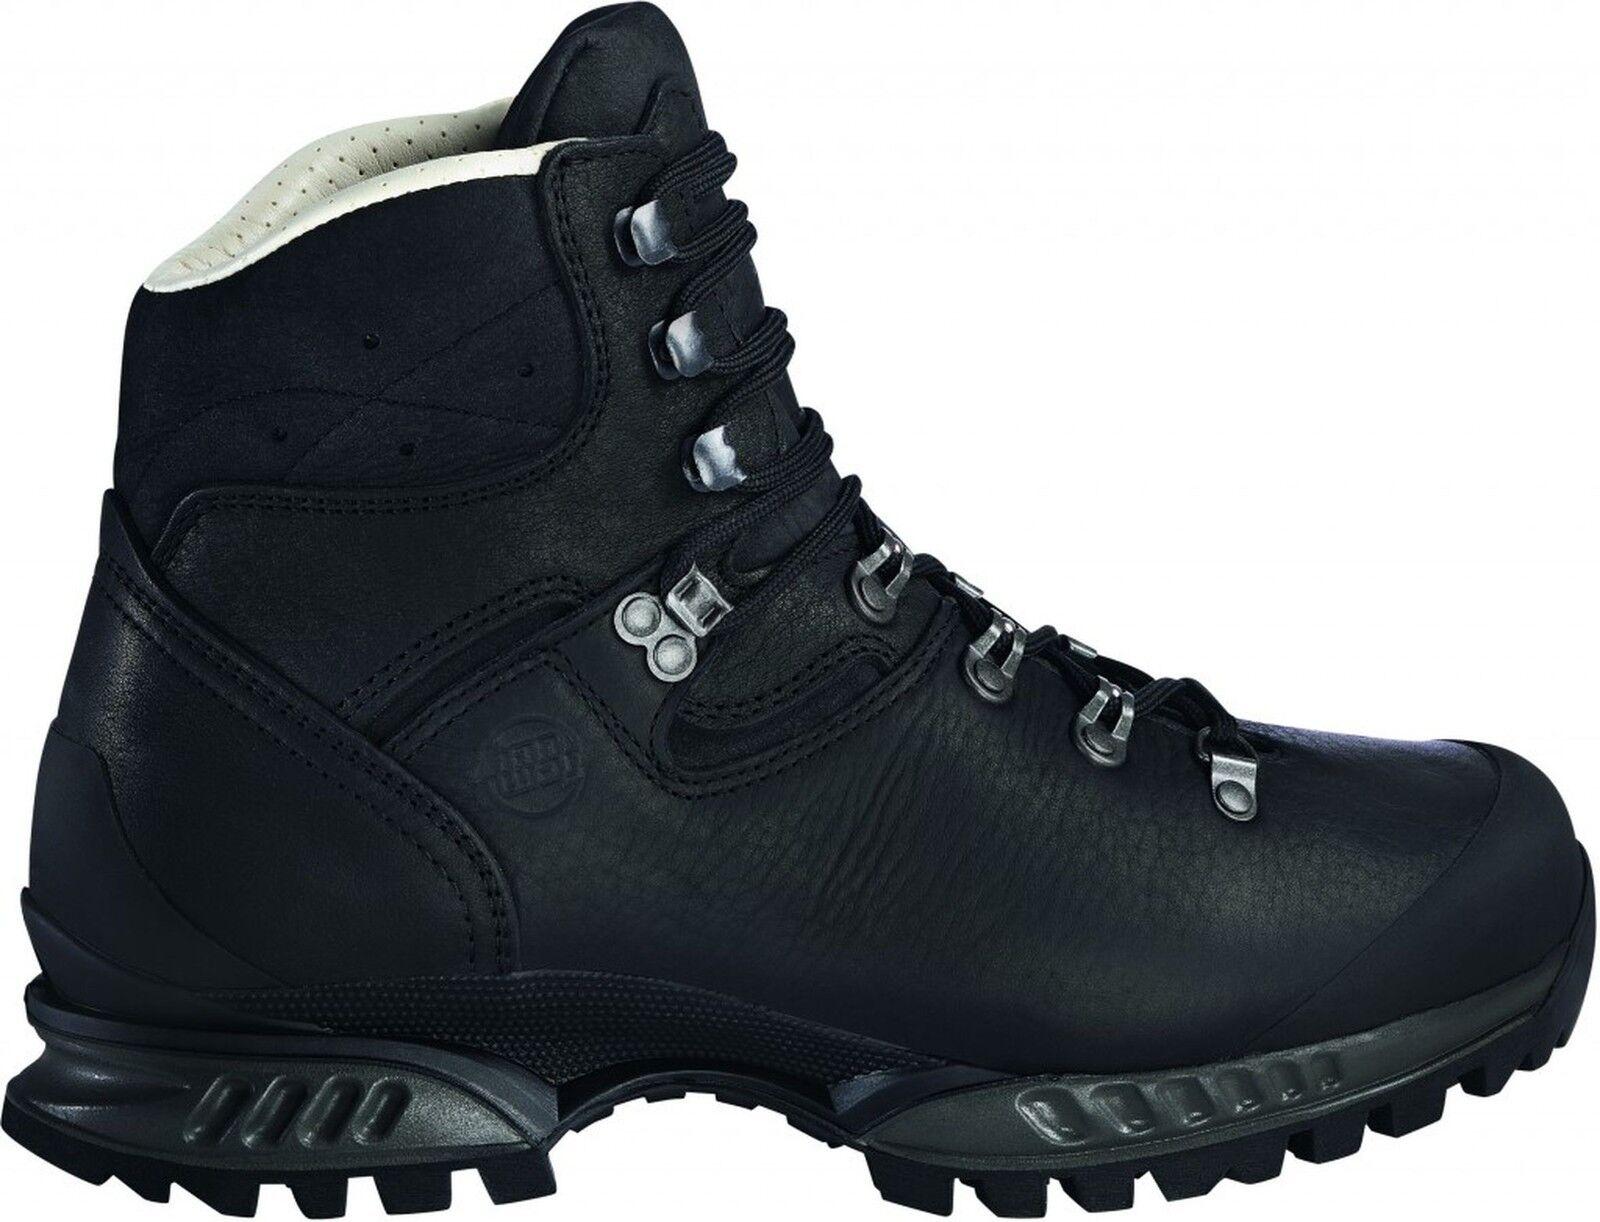 HANWAG Trekking Yak Schuhe Lhasa Größe 12,5 (48) (48) (48) schwarz 65a29c